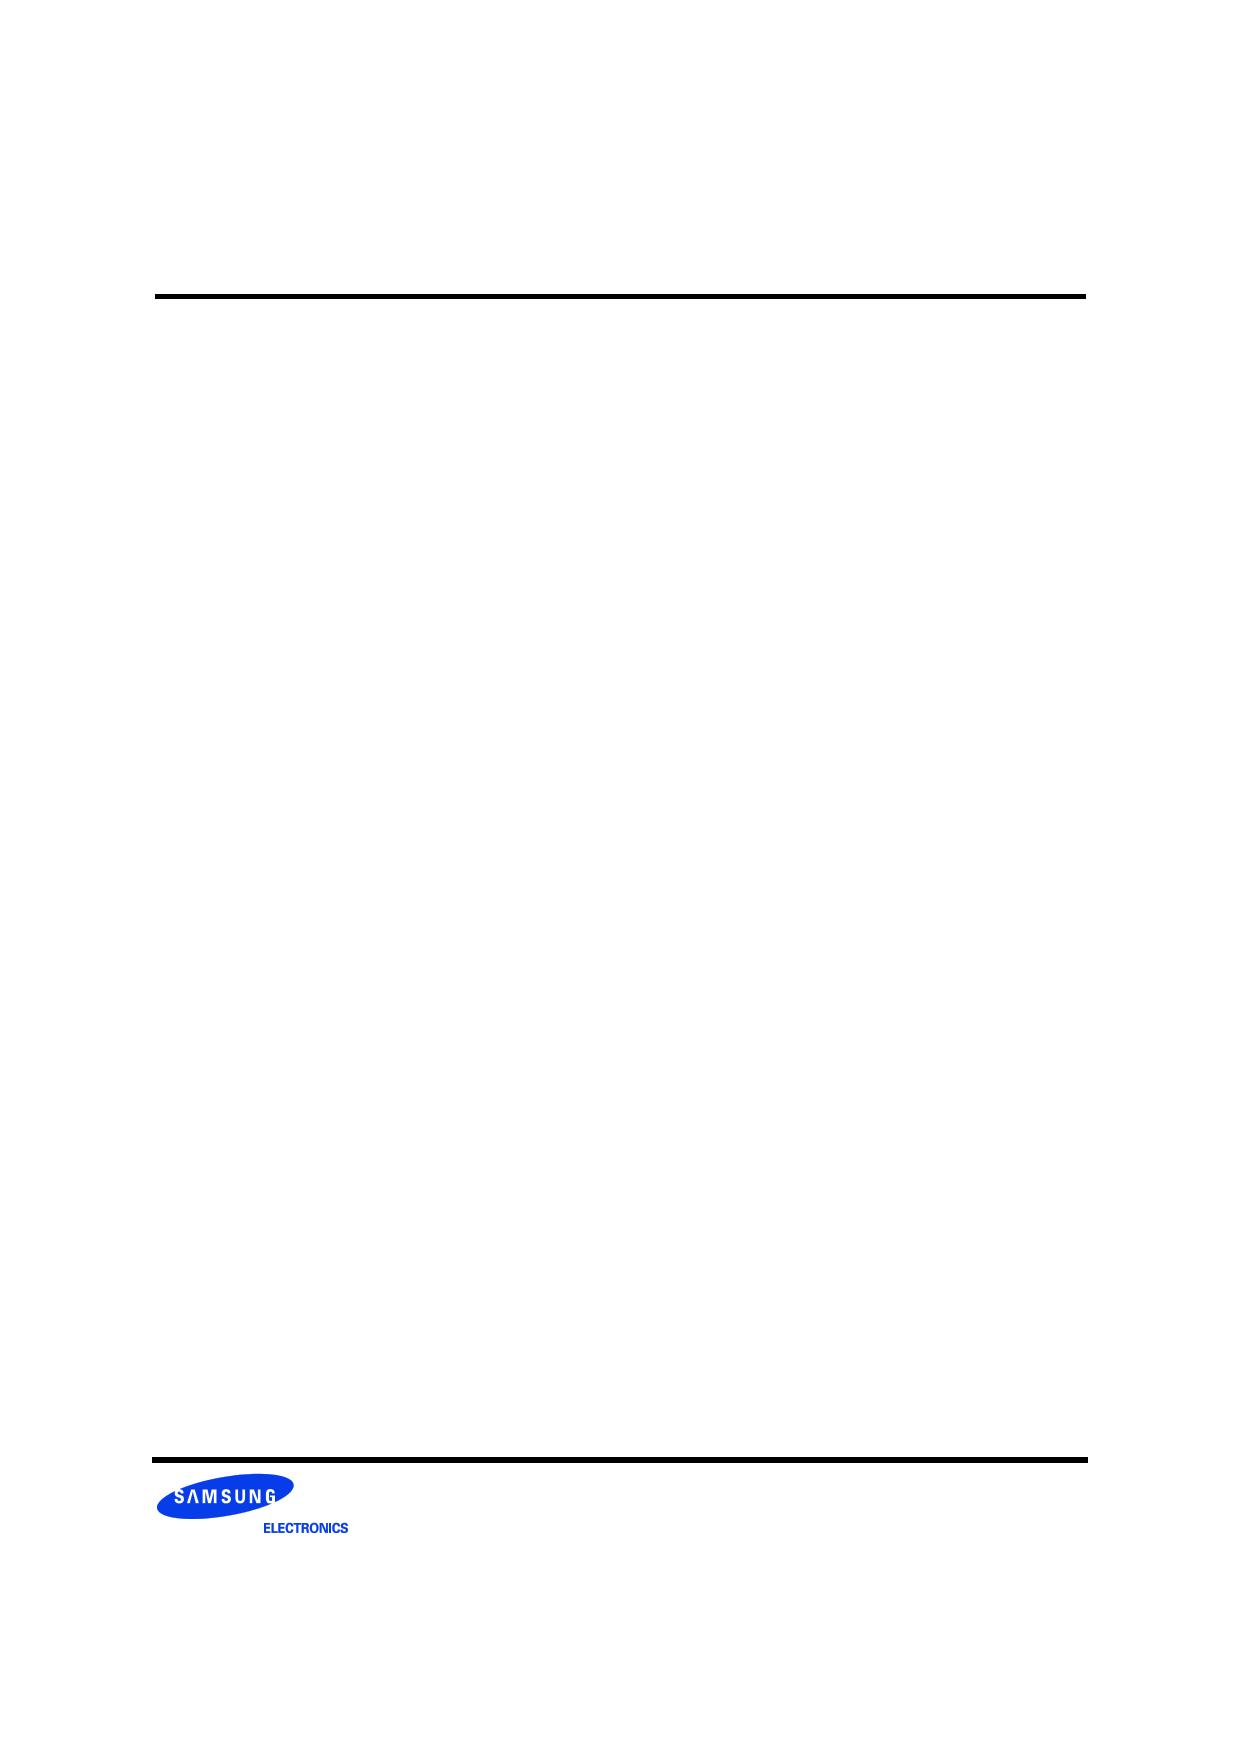 M378T6553BG0-CC دیتاشیت PDF